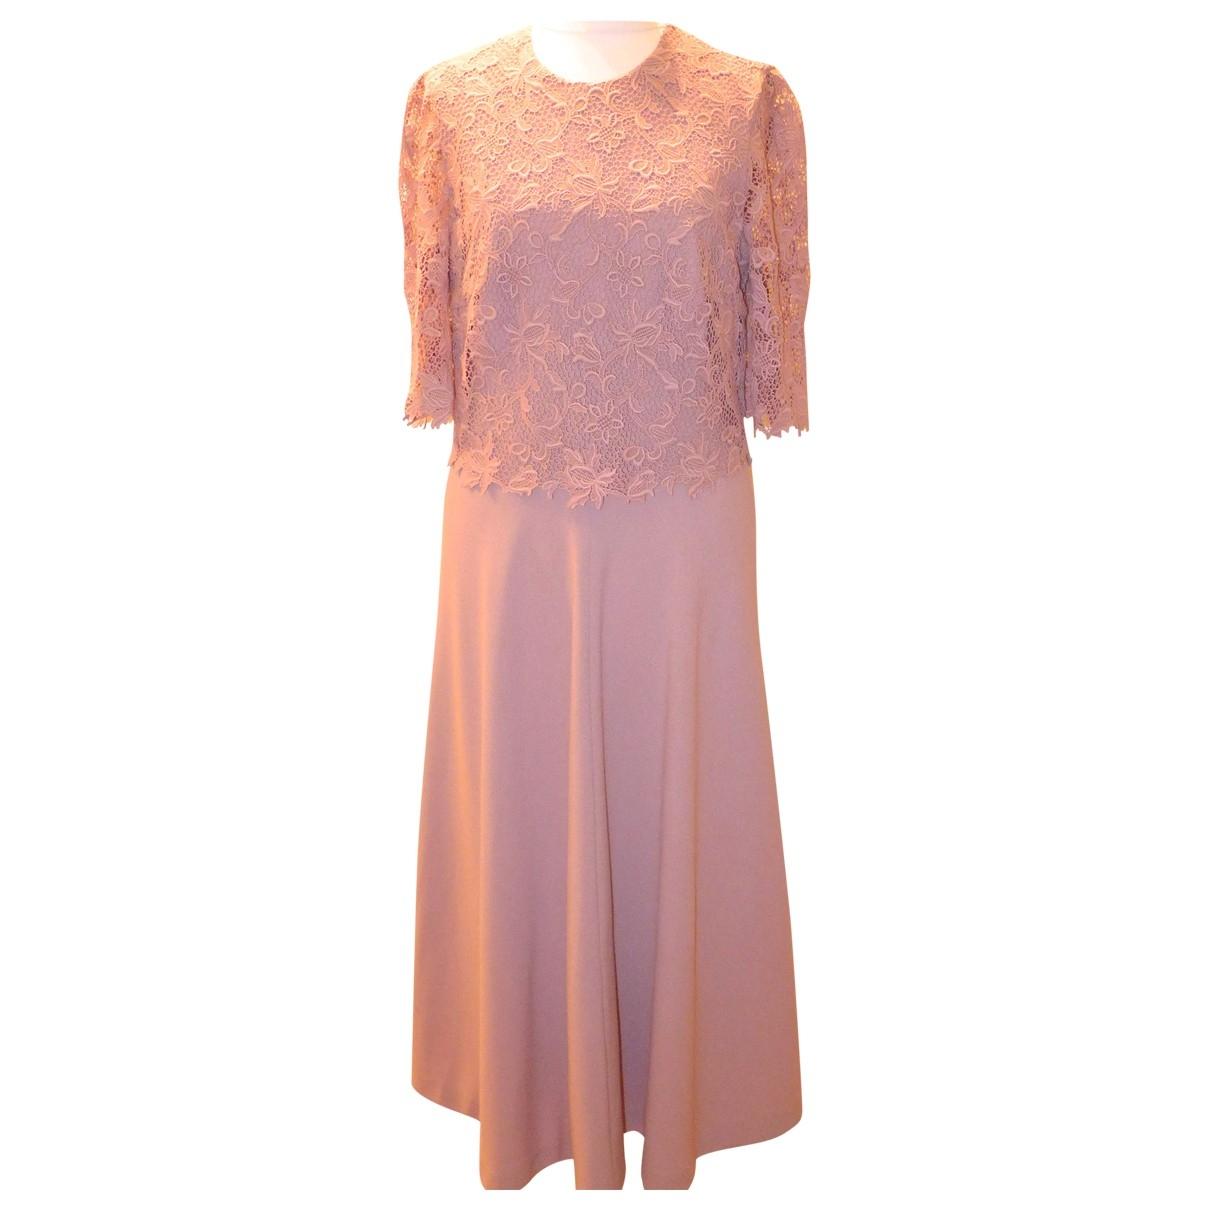 Lk Bennett \N Pink dress for Women 10 UK